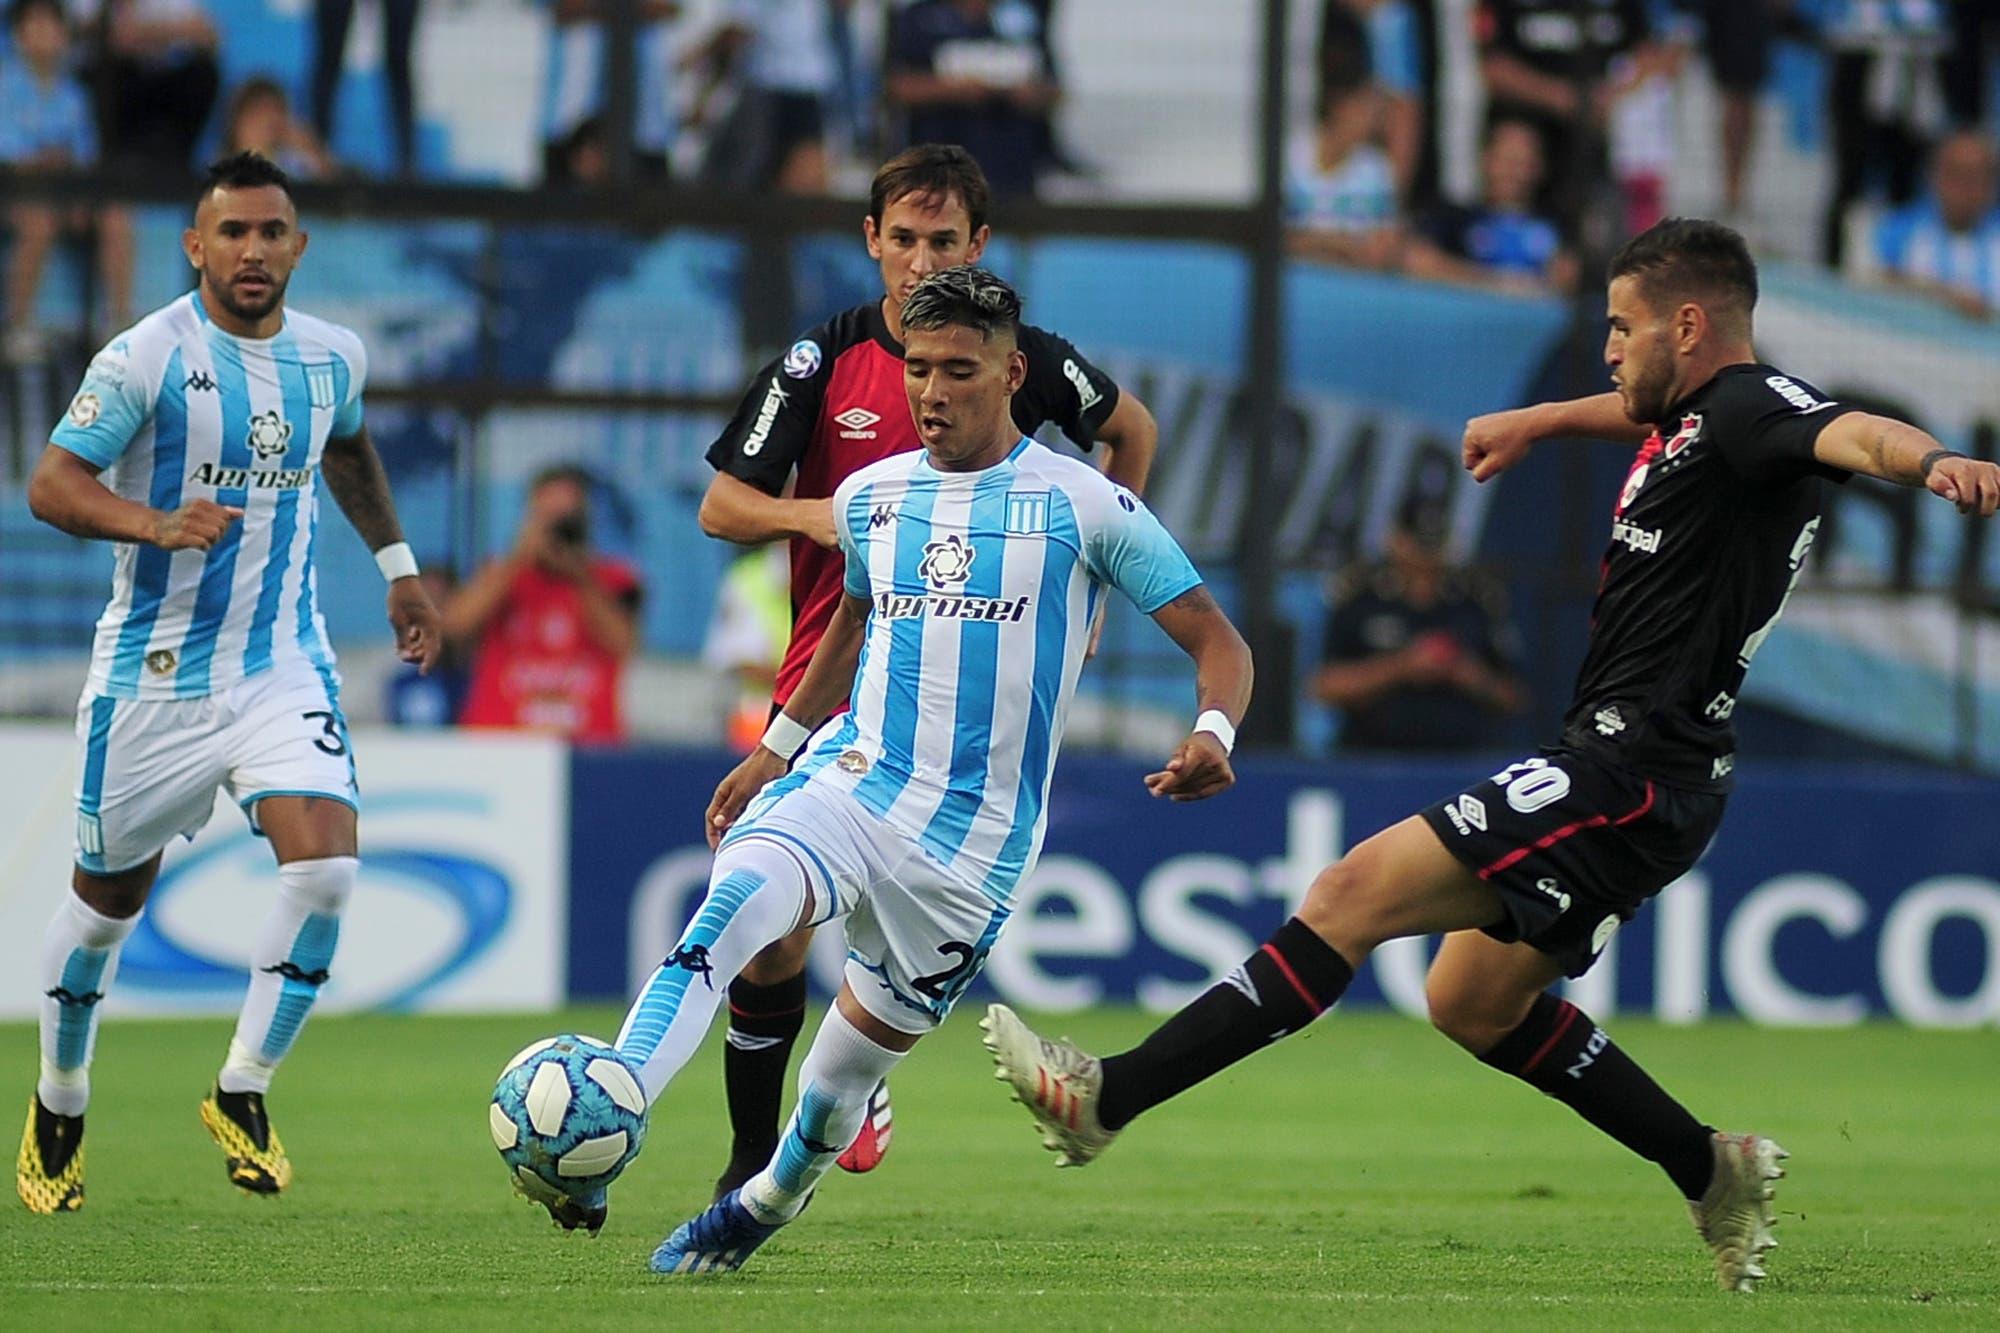 Racing-Newell's: Palacios anotó el gol del empate para los rosarinos